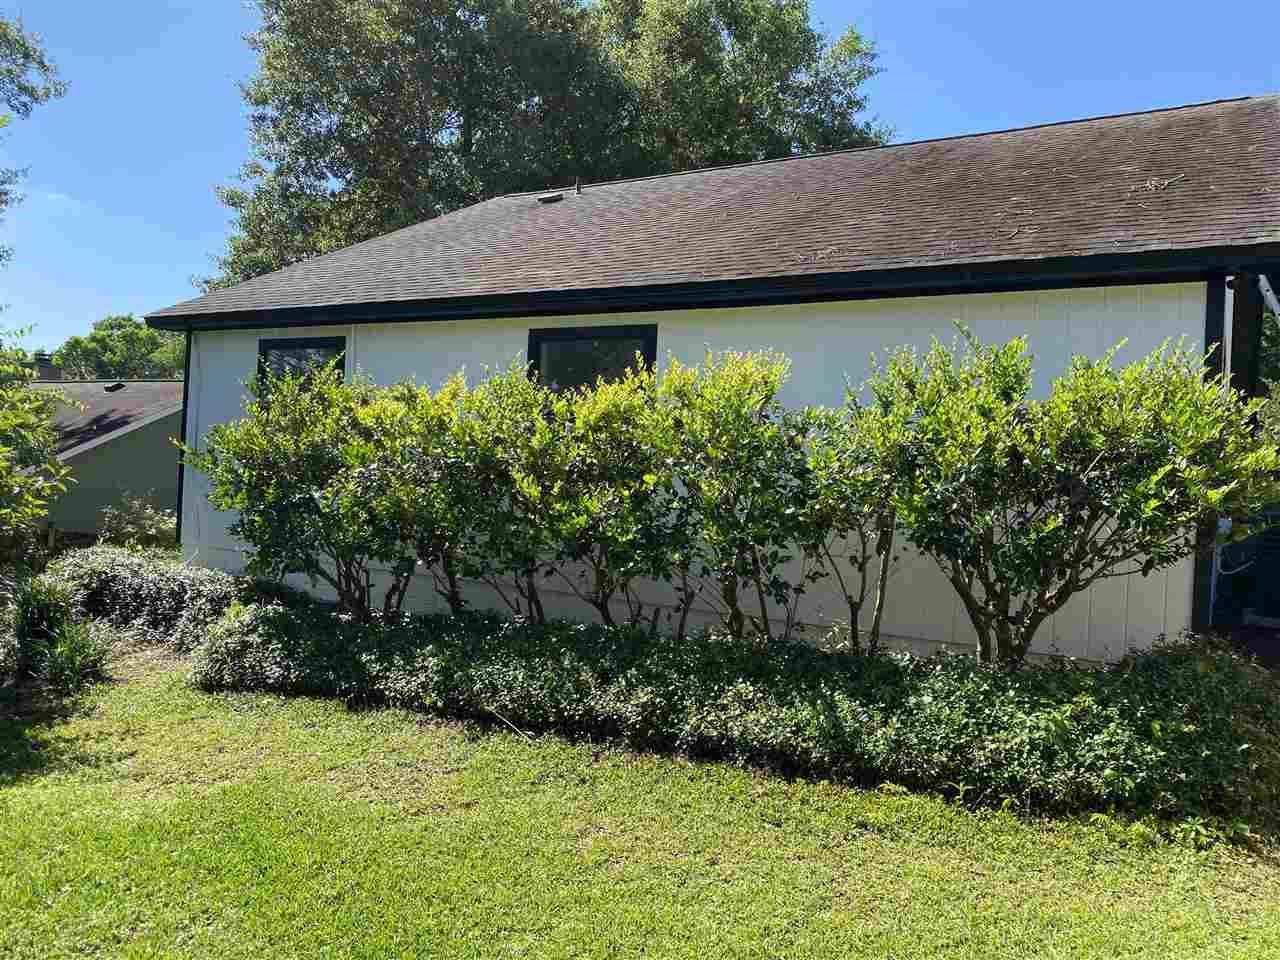 Photo of 4130 White Pine Court, TALLAHASSEE, FL 32311 (MLS # 332345)